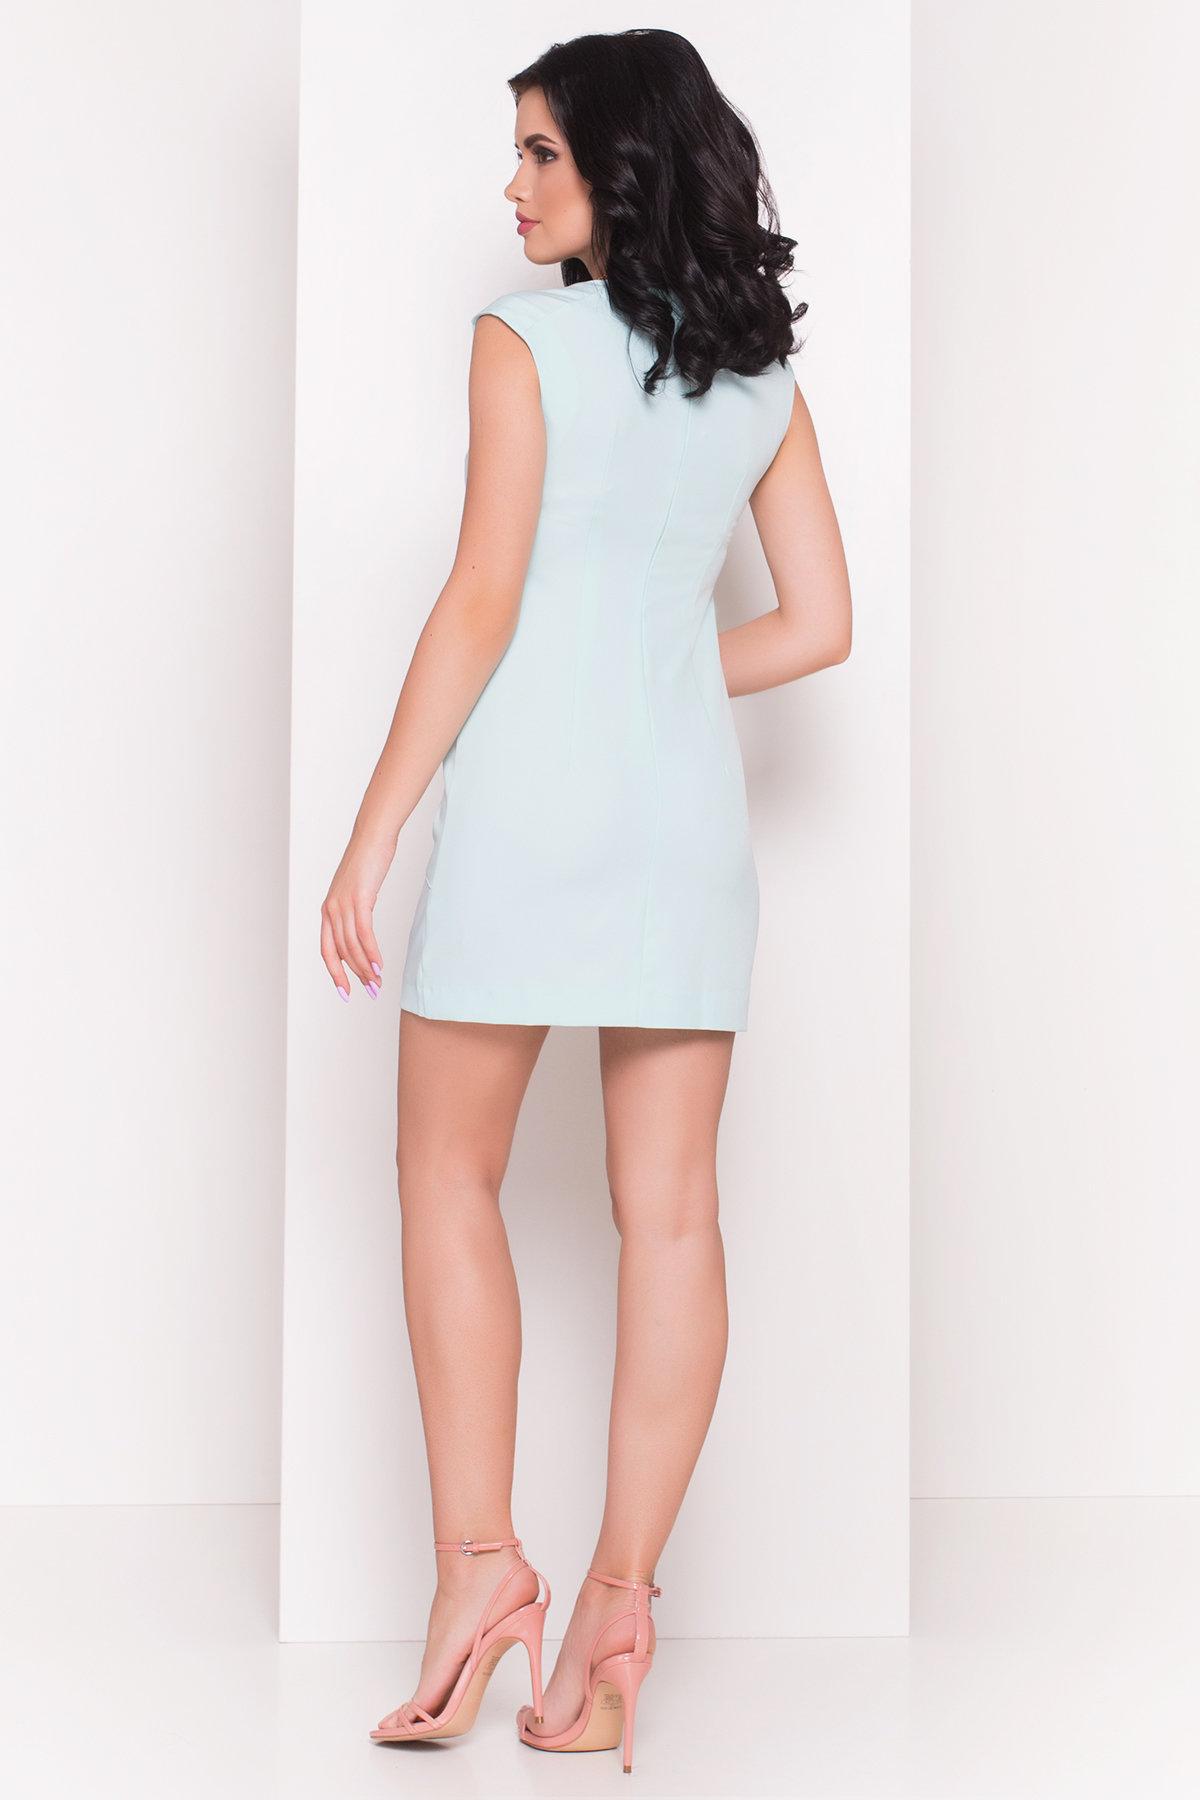 Платье Виларго лайт 270 АРТ. 6496 Цвет: Светлая-мята - фото 2, интернет магазин tm-modus.ru